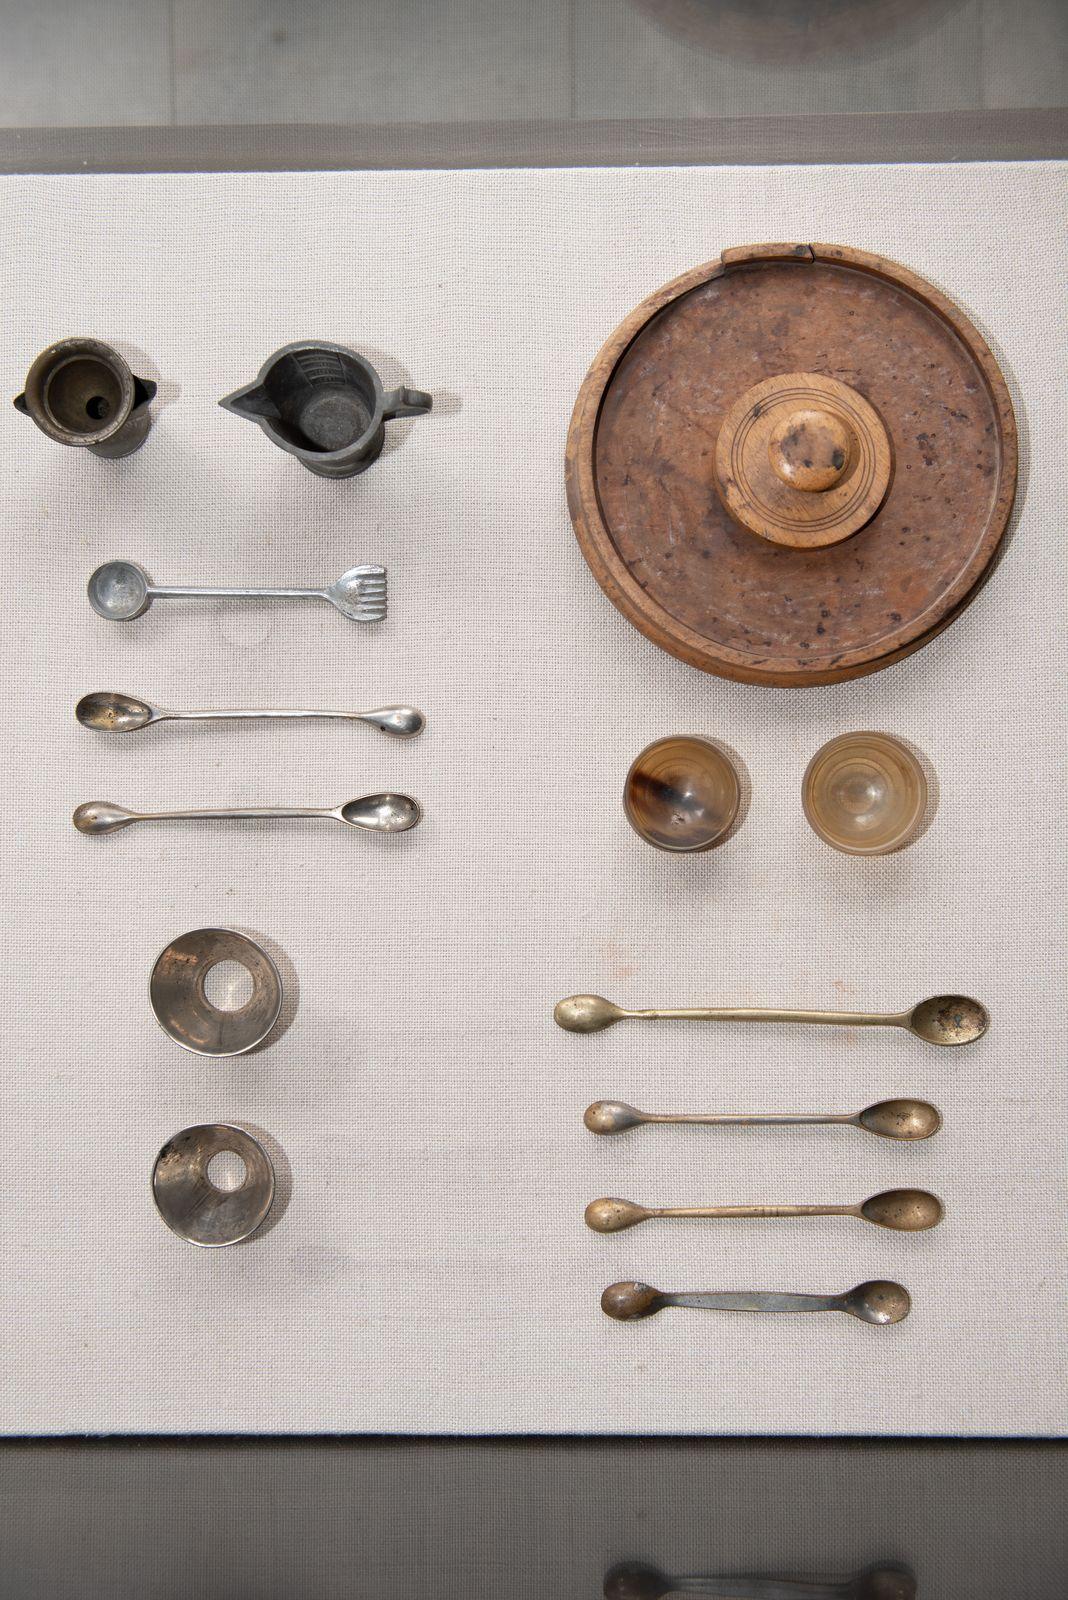 Muzei177_Мензура, съд за тариране, метални фунии, съд за тариране и лъжички за дозиране от първите години на 20-ти век